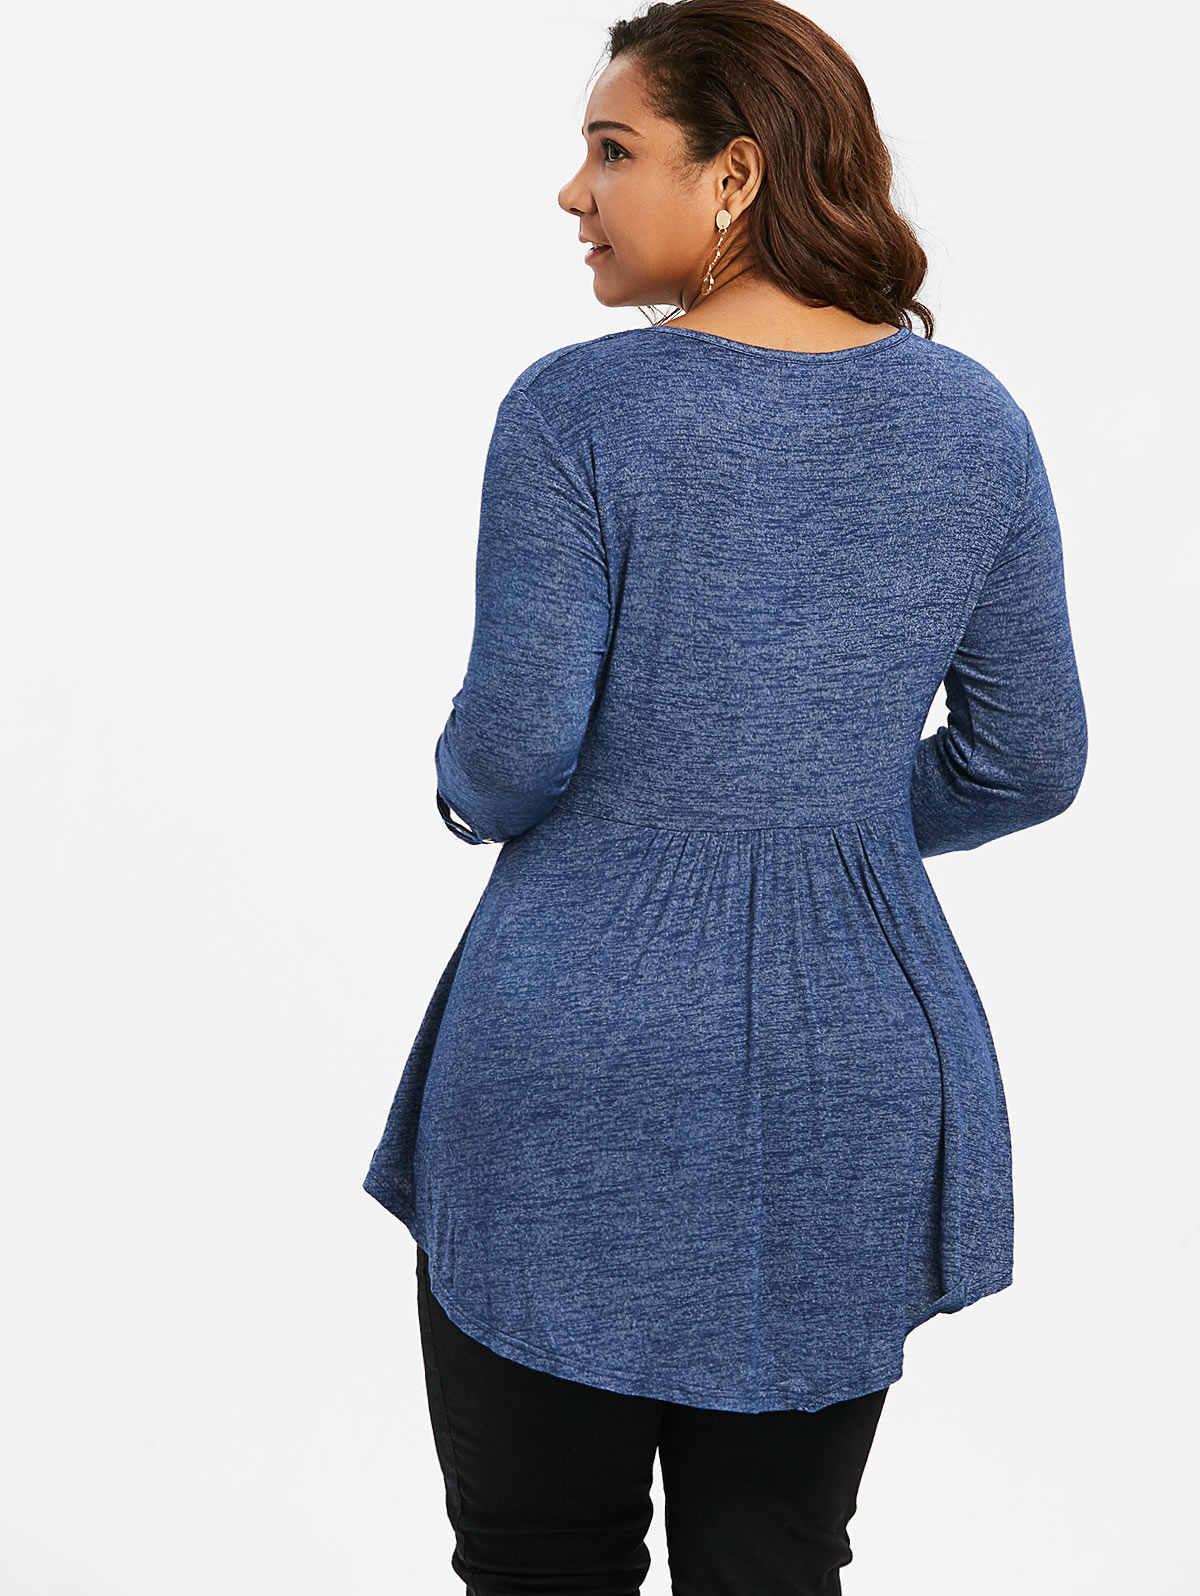 Rosegal размера плюс 5XL женская одежда осень лестница вырезами с круглым вырезом с рукавом три четверти Высокая Талия Футболка женская Футболки Повседневная рубашка